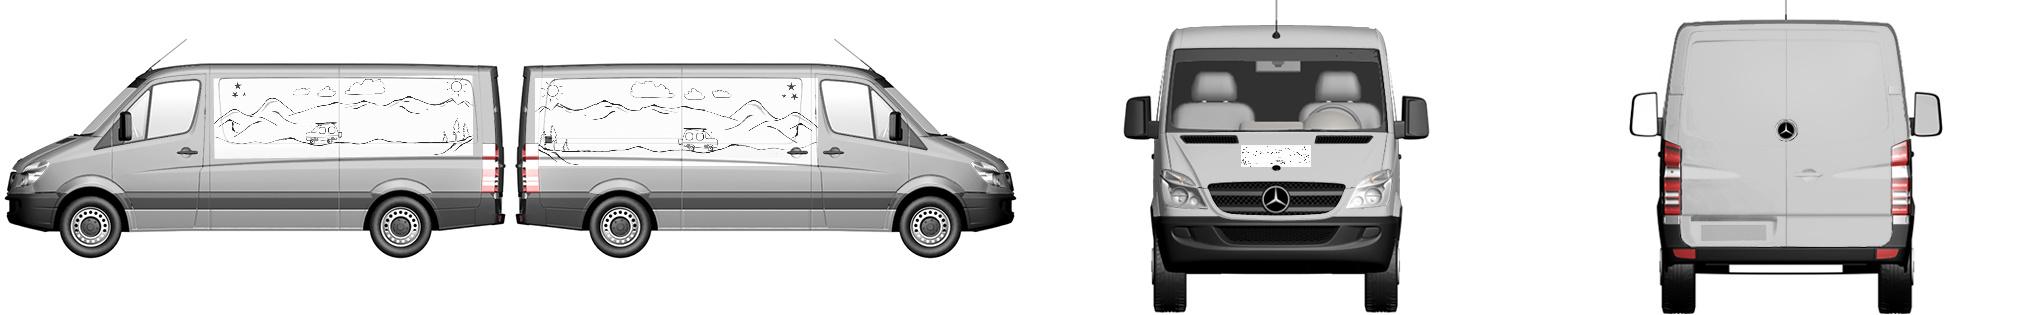 Van Wrap #53336